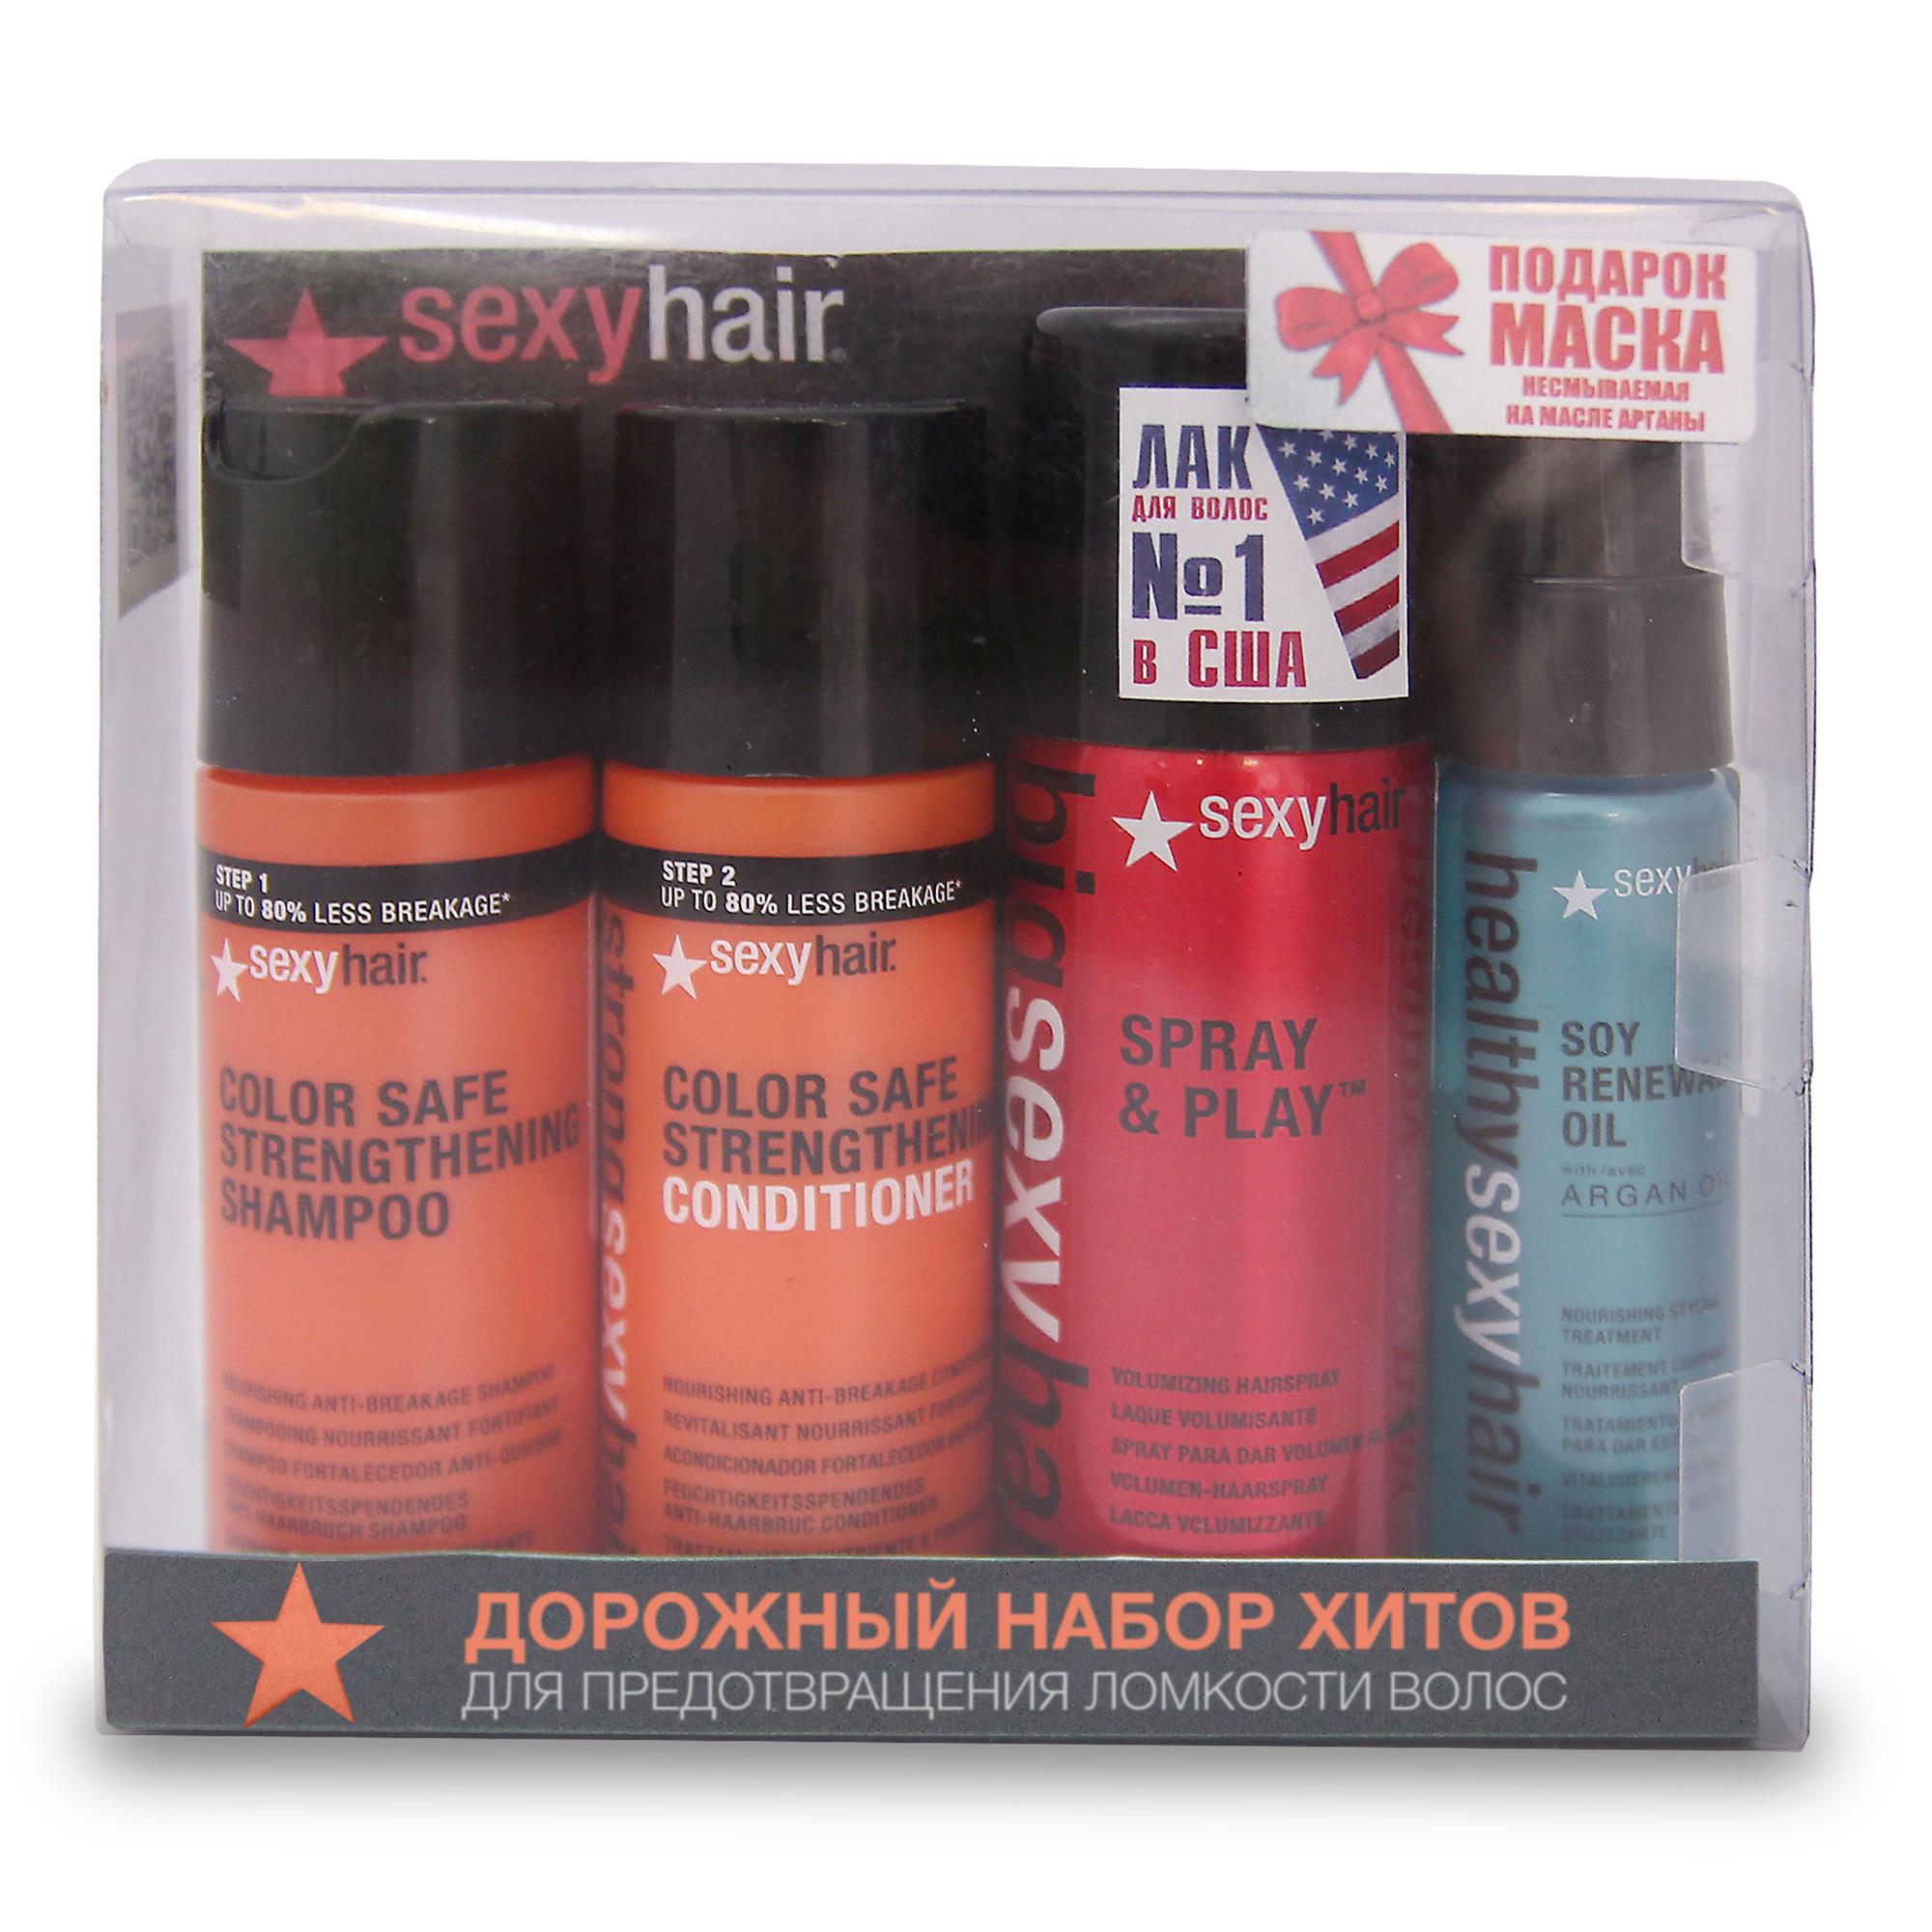 SEXY HAIR Набор дорожный для прочности волос № 3 (шампунь 50 мл, кондиционер спрей маска 25 мл)